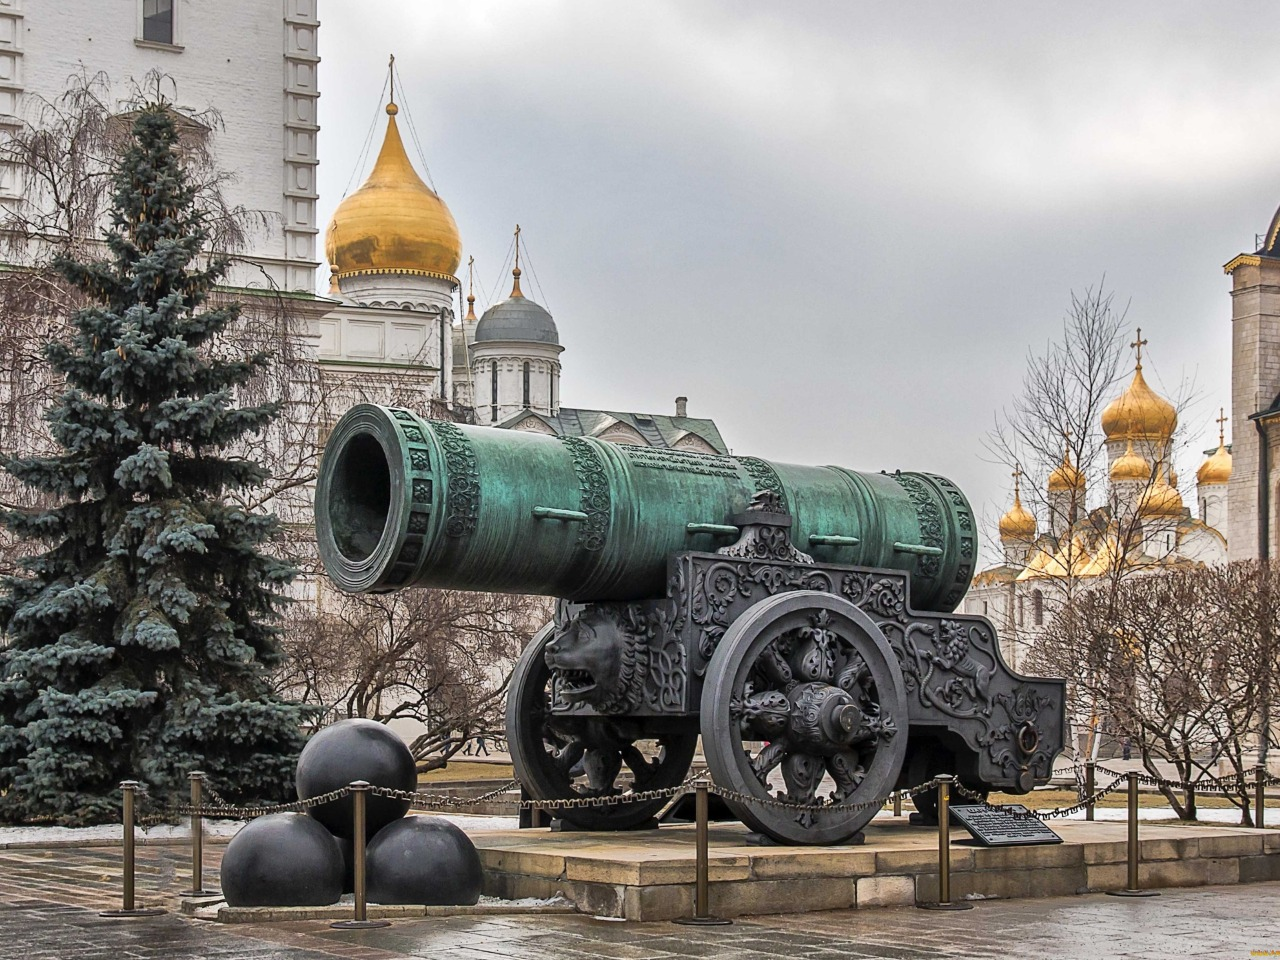 Московский Кремль – в самом сердце России - групповая экскурсия по Москве от опытного гида